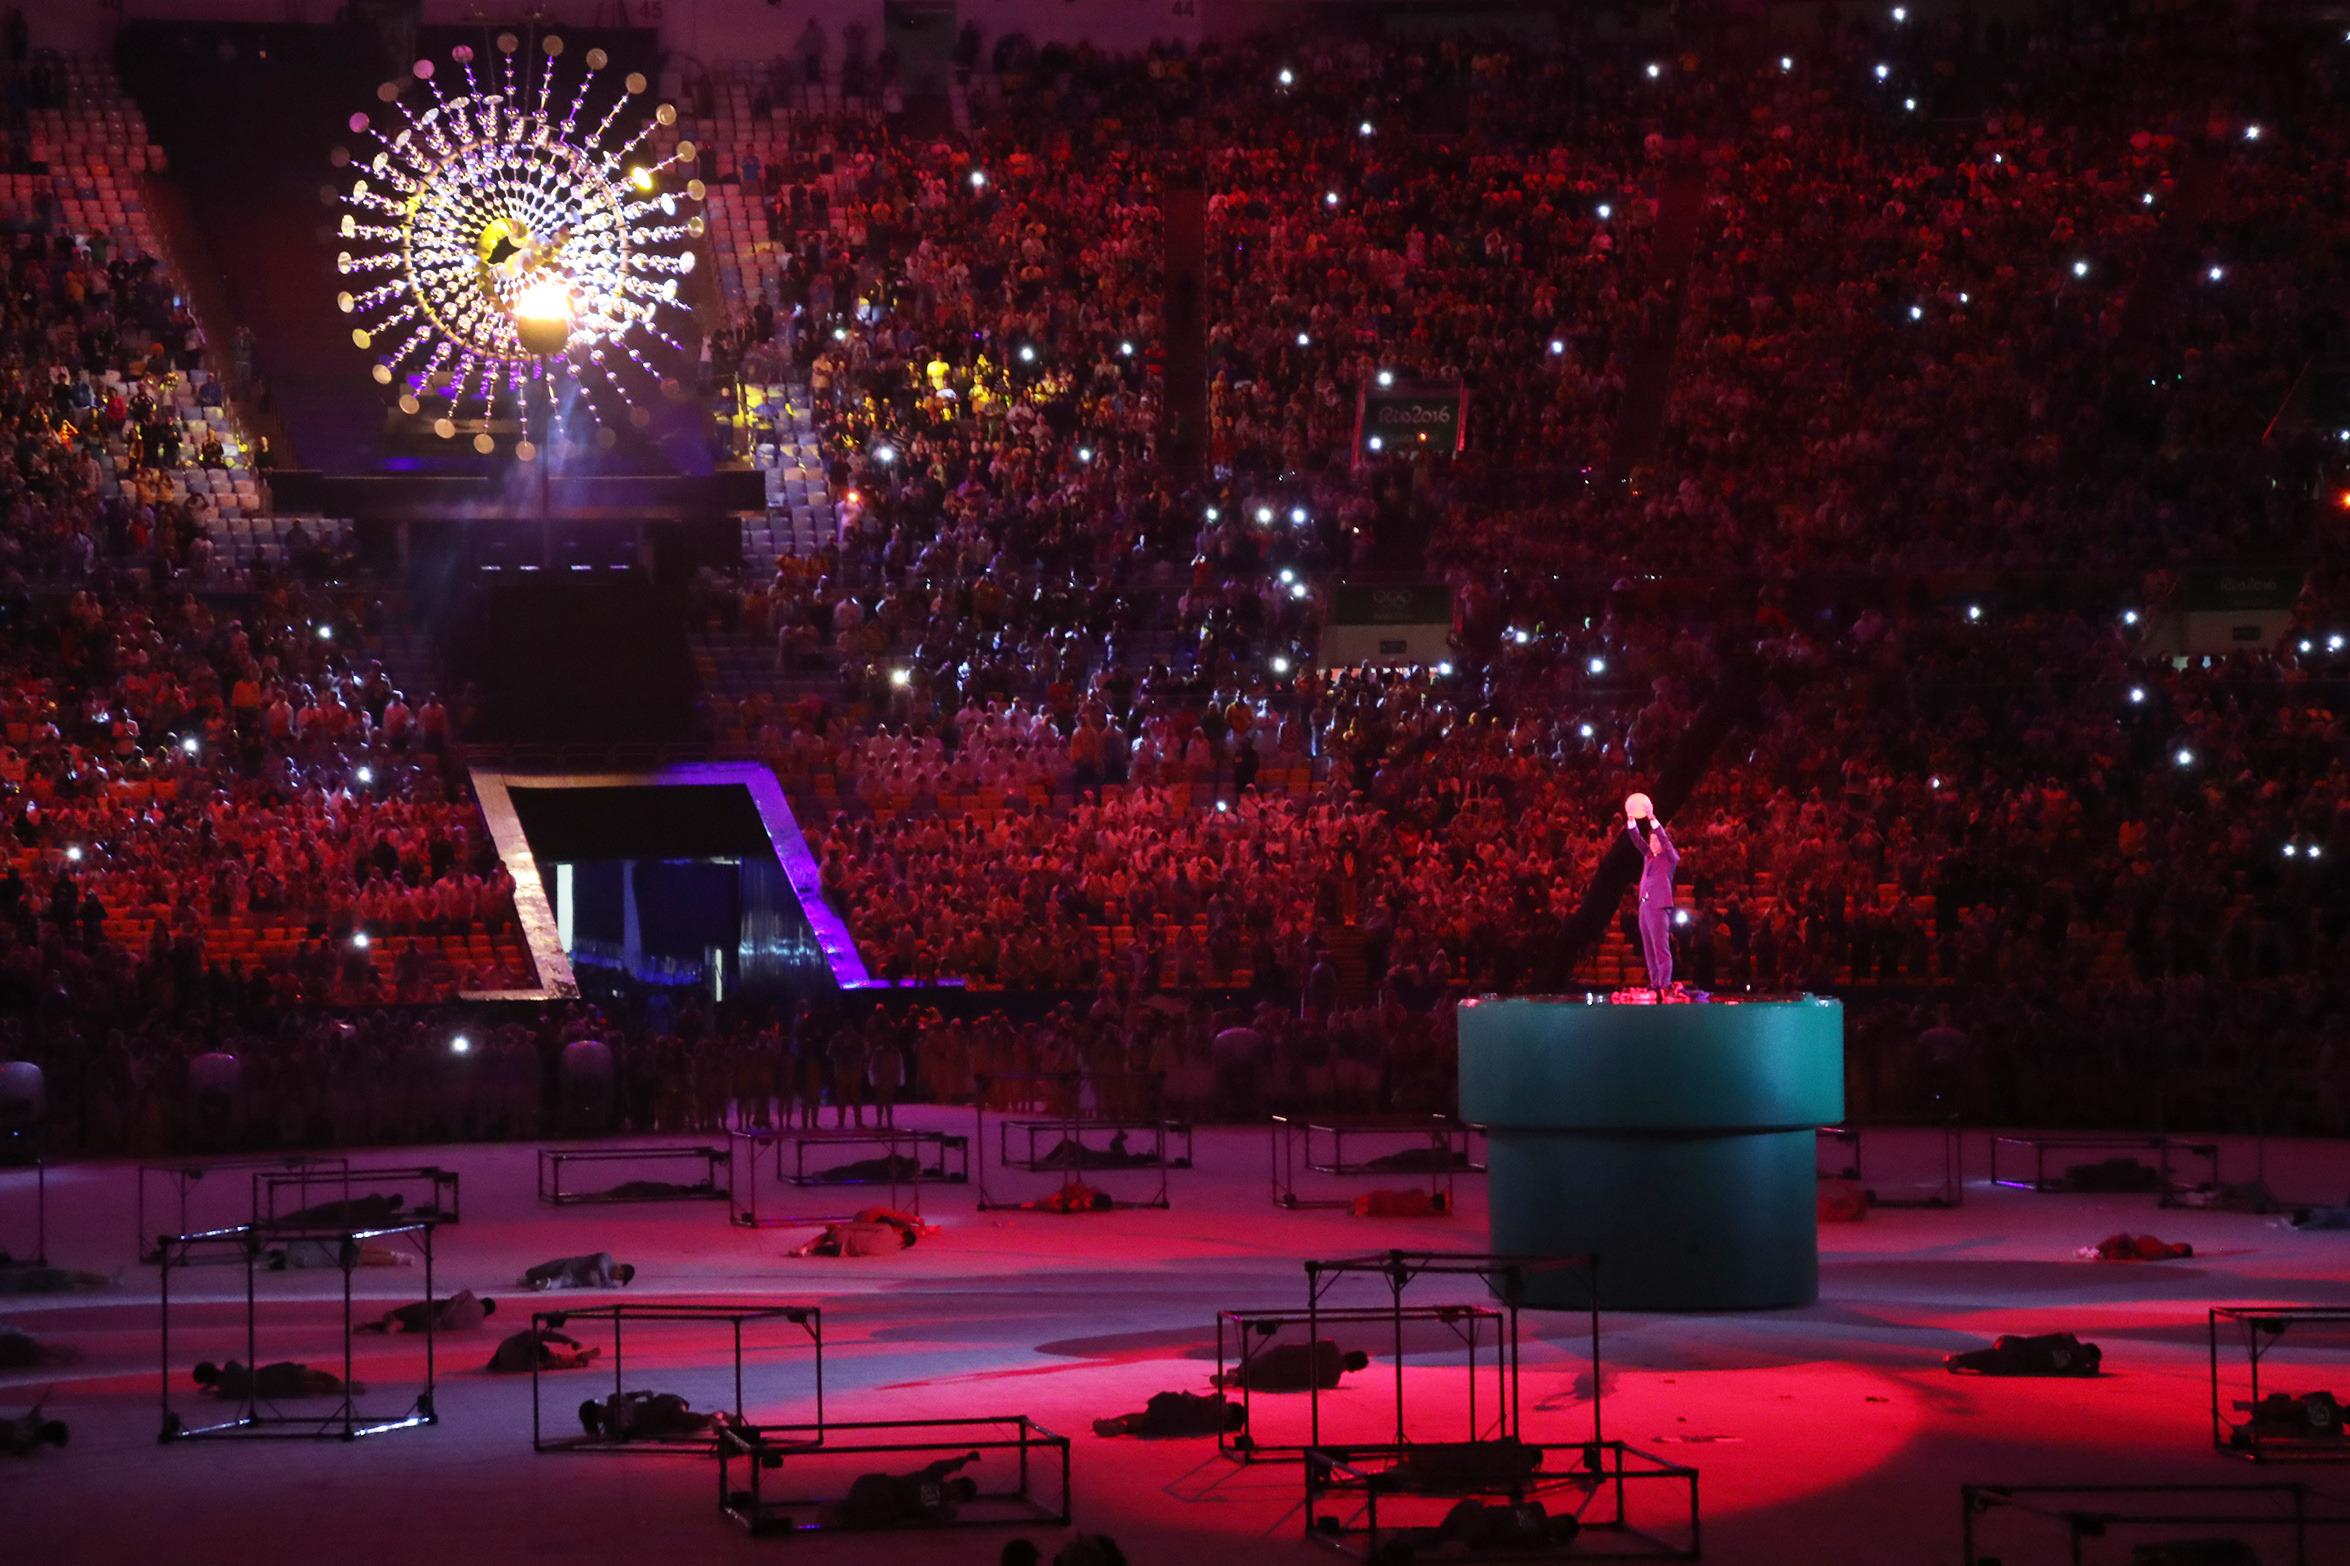 (160821) -- RIO DE JANEIRO, agosto 21, 2016 (Xinhua) -- El primer ministro de Japón, Shinzo Abe, sostiene un balón durante la ceremonia de clausura de los Juegos Olímpicos de Río de Janeiro 2016, en el Estadio Maracaná, en Río de Janeiro, Brasil, el 21 de agosto de 2016. Los Juegos Olímpicos del año 2020 se llevarán a cabo en Japón. (Xinhua/José Pazos/NOTIMEX) (rtg) (ce)